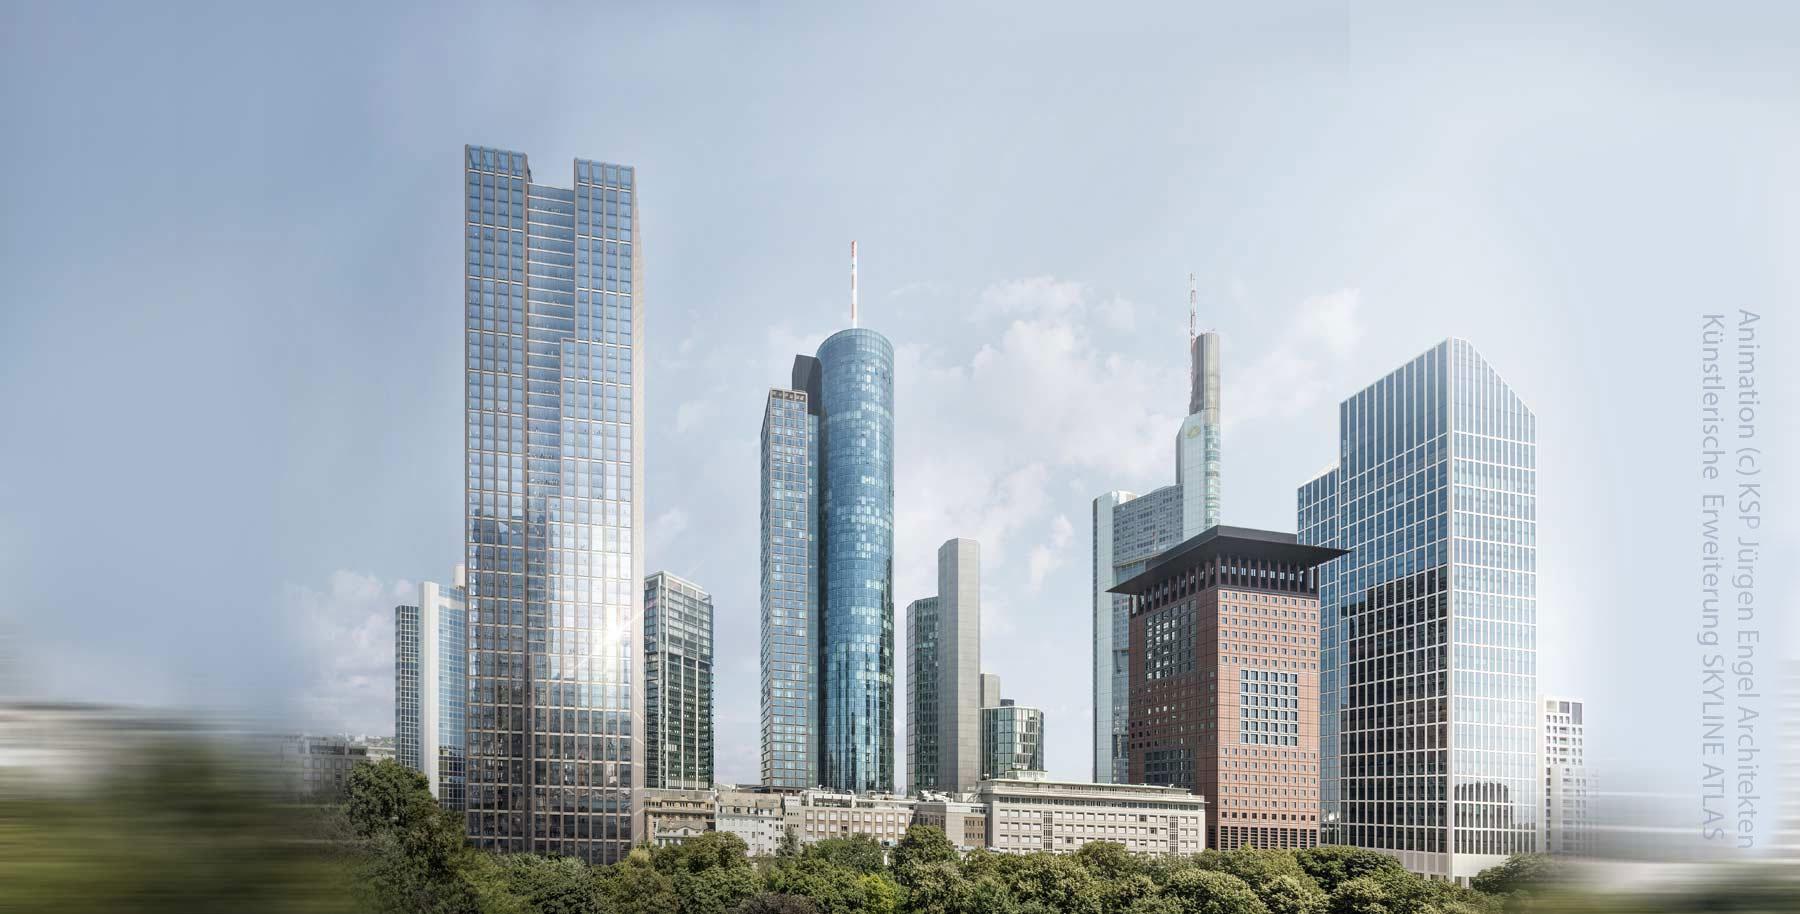 Helaba Hochhaus in Frankfurt am Main - ehemalige Frankfurter Sparkasse 1822 und Württemberger Hypothekenbank Projekt - KSP Jürgen Engel Architekten - Animation 2019